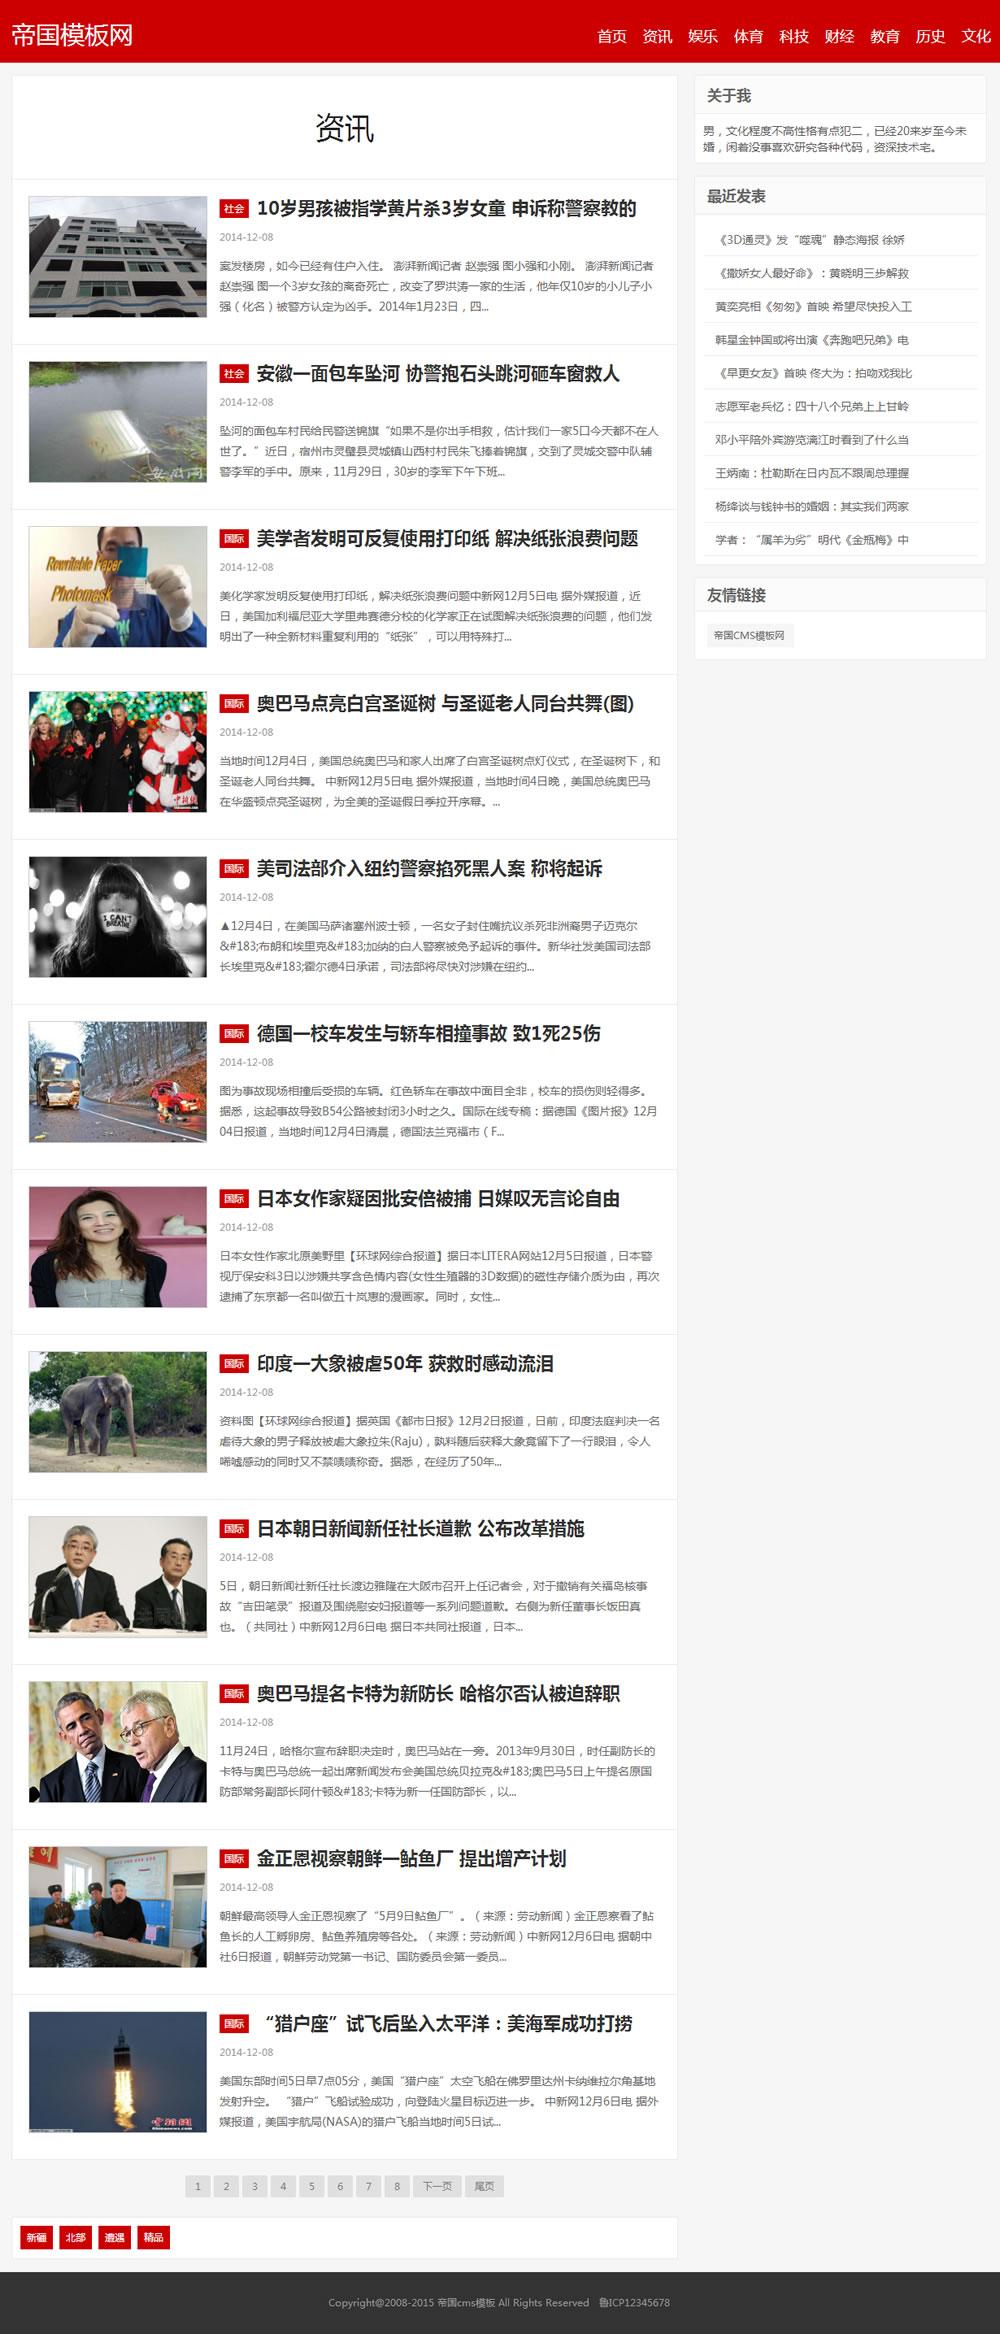 红色新闻资讯博客类之帝国cms自适应手机版模板_电脑版列表页